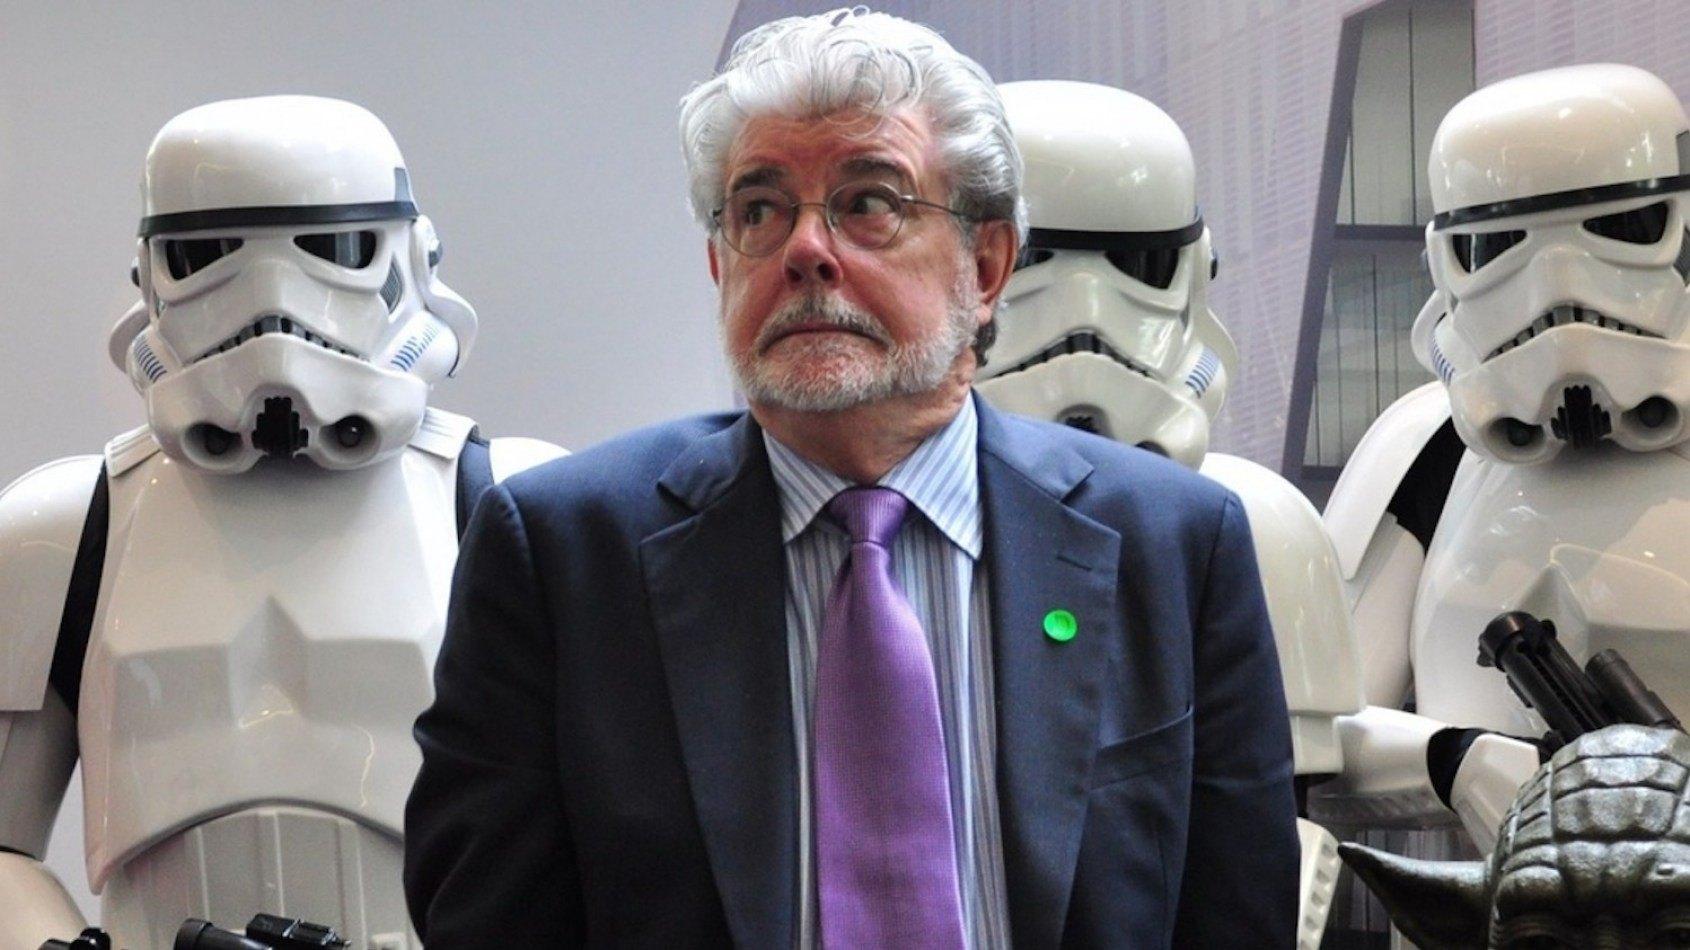 La réaction de George Lucas après avoir vu le Réveil de la Force